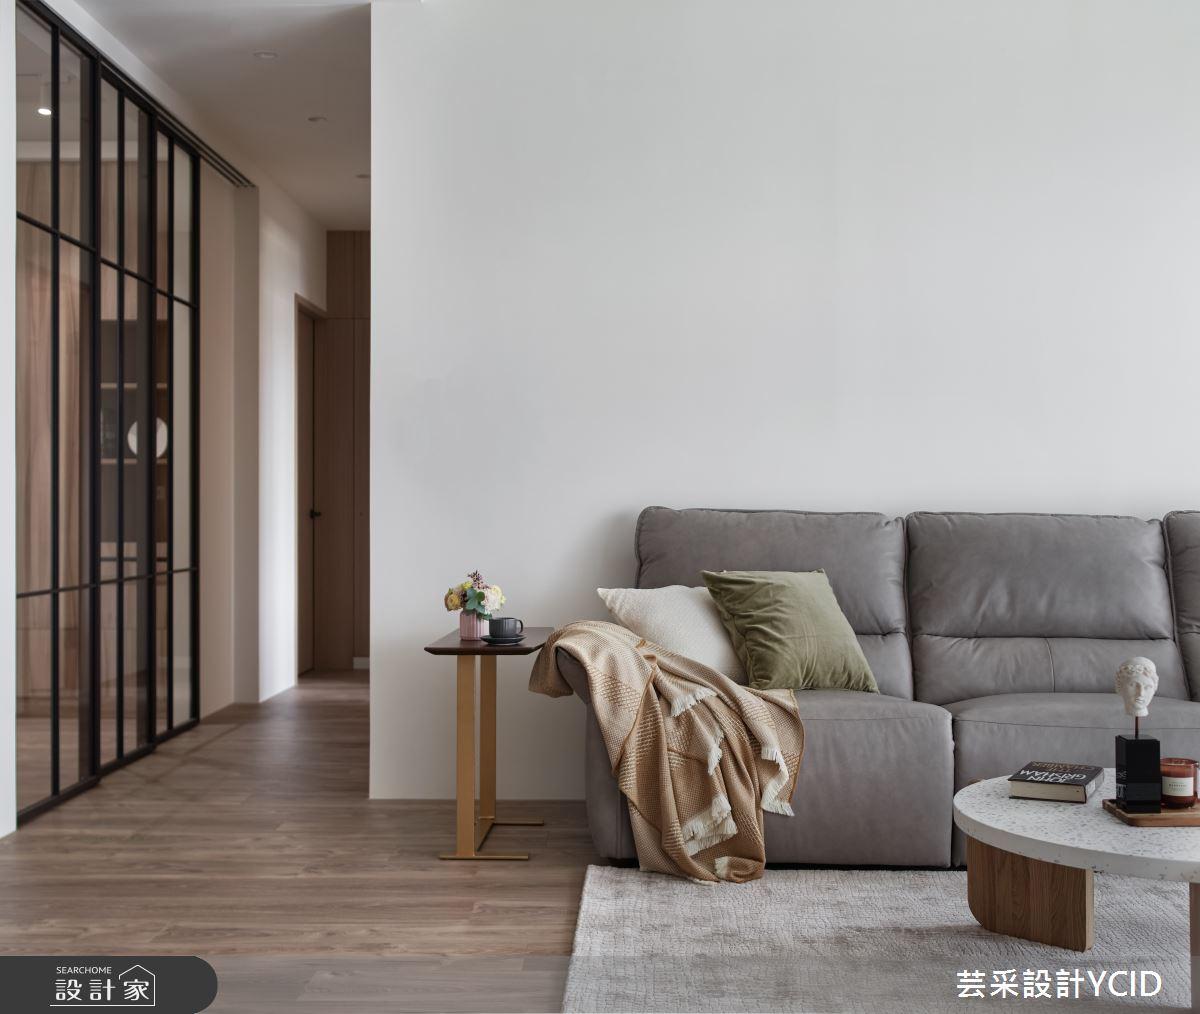 45坪新成屋(5年以下)_混搭風案例圖片_芸采創意空間設計公司_芸采_14之12